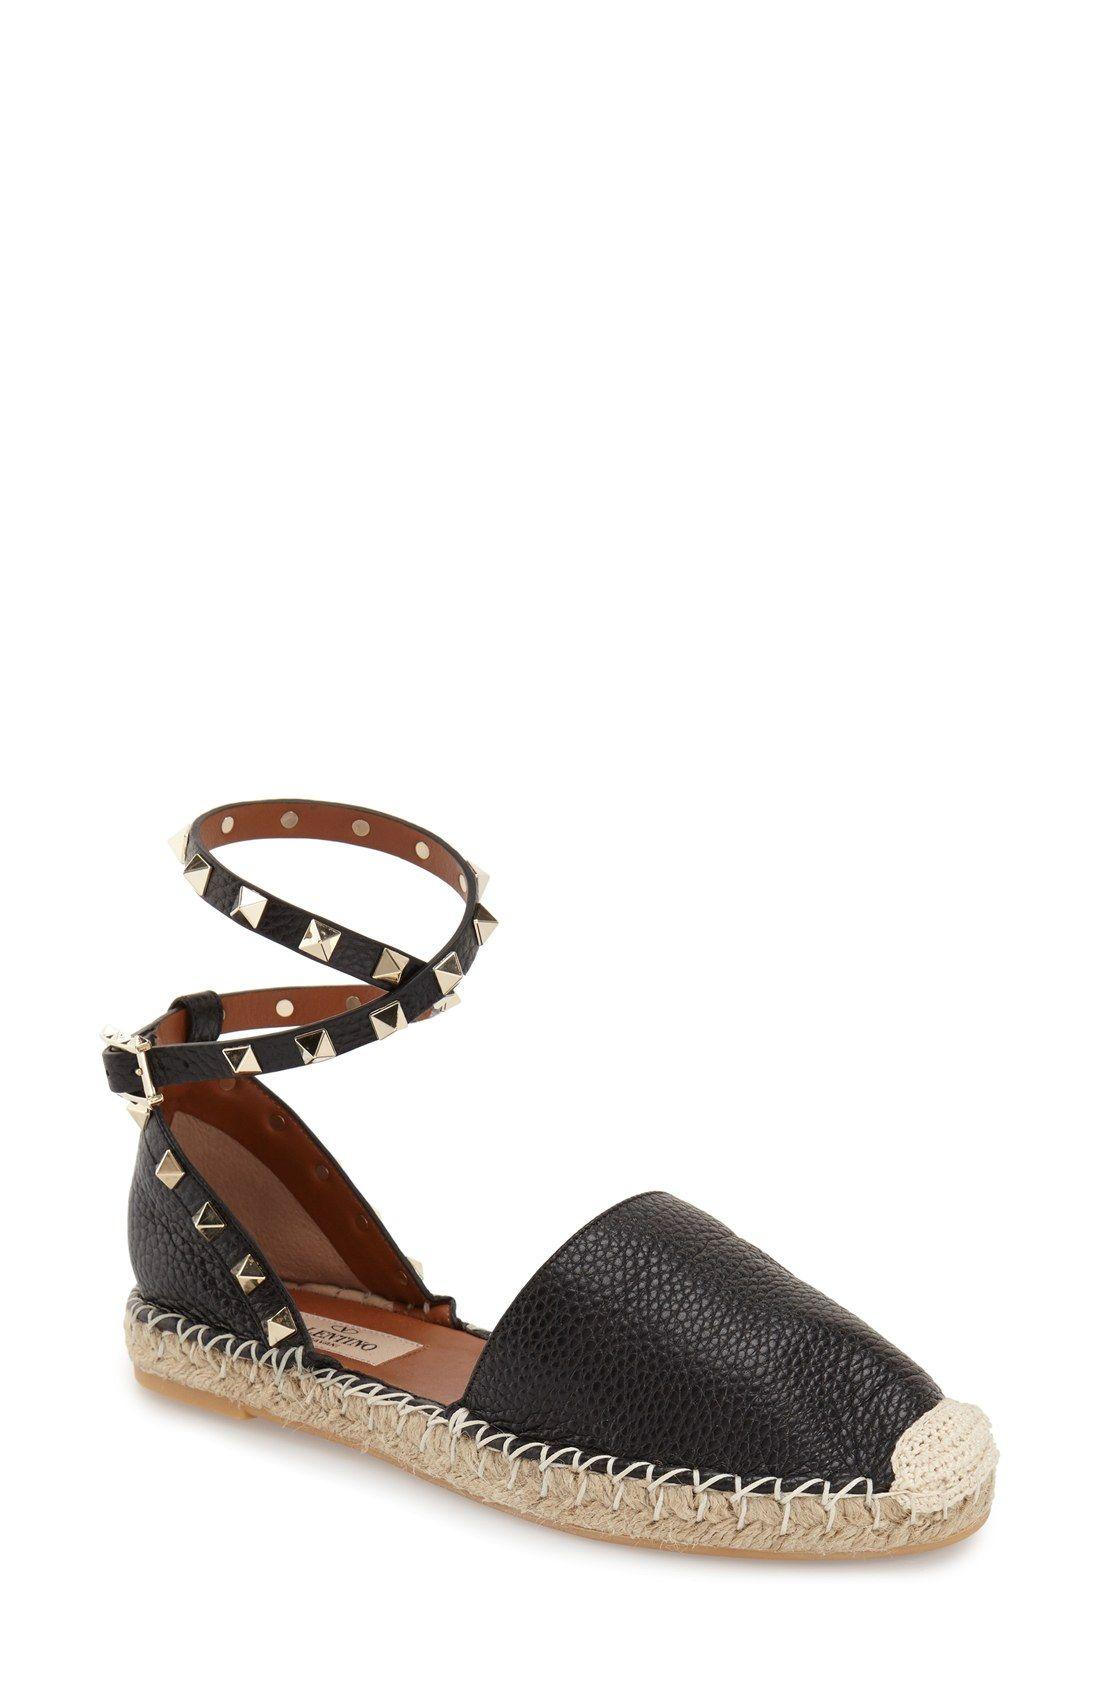 VALENTINO GARAVANI 'Rockstud' Ankle Strap Espadrille (Women) | Nordstrom